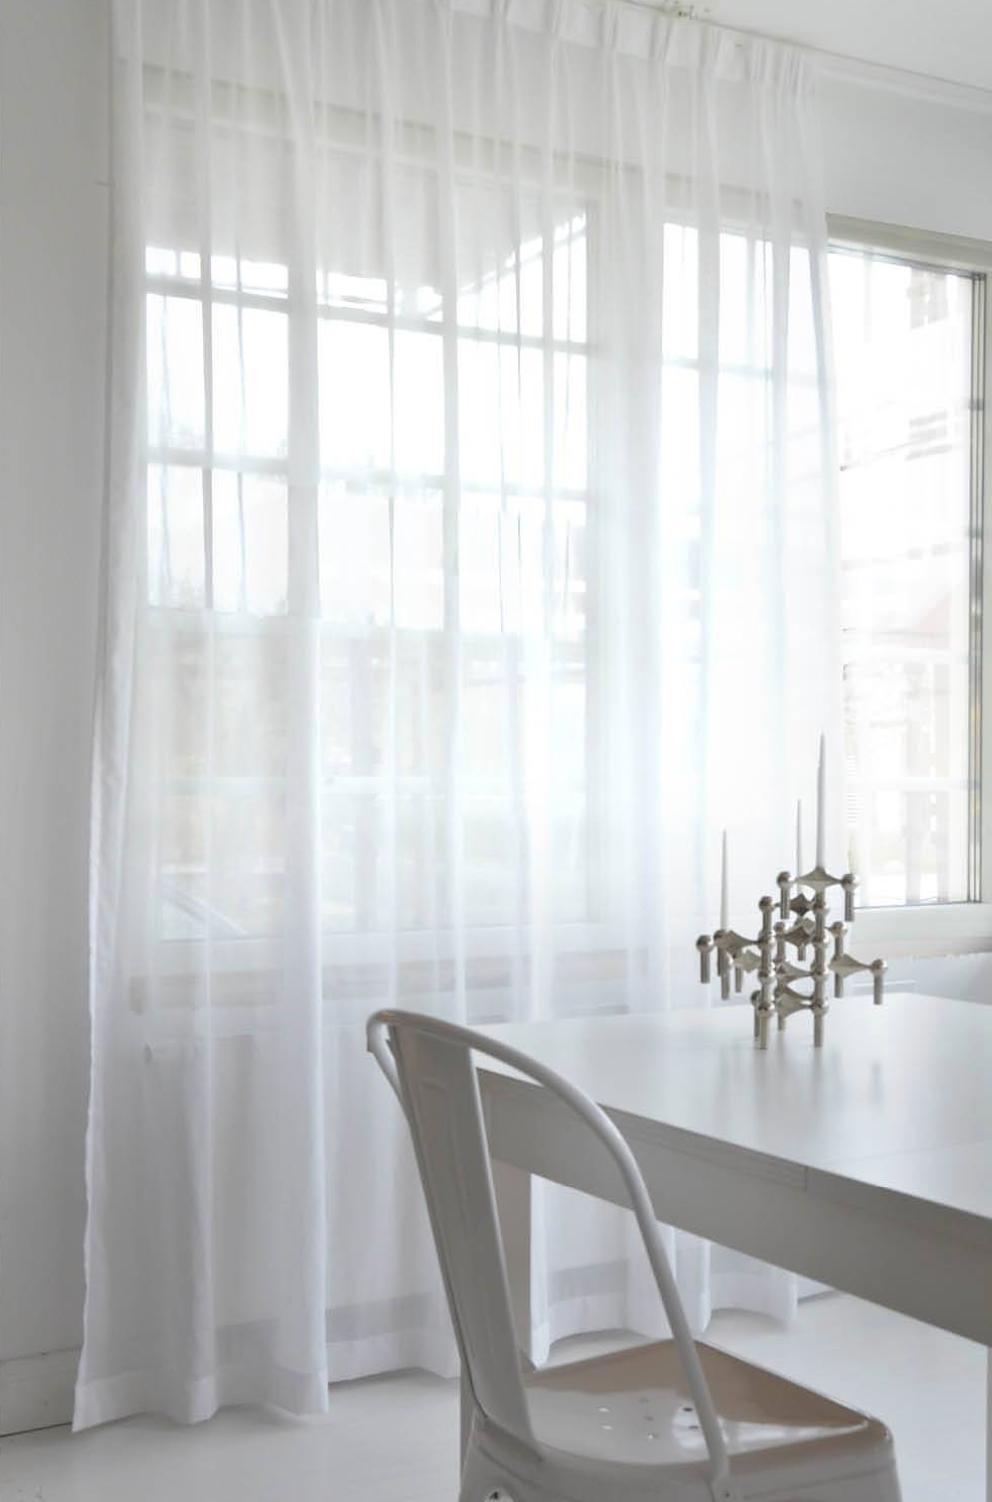 Mimou-Grace Verhot, 290x250 cm, Valkoinen